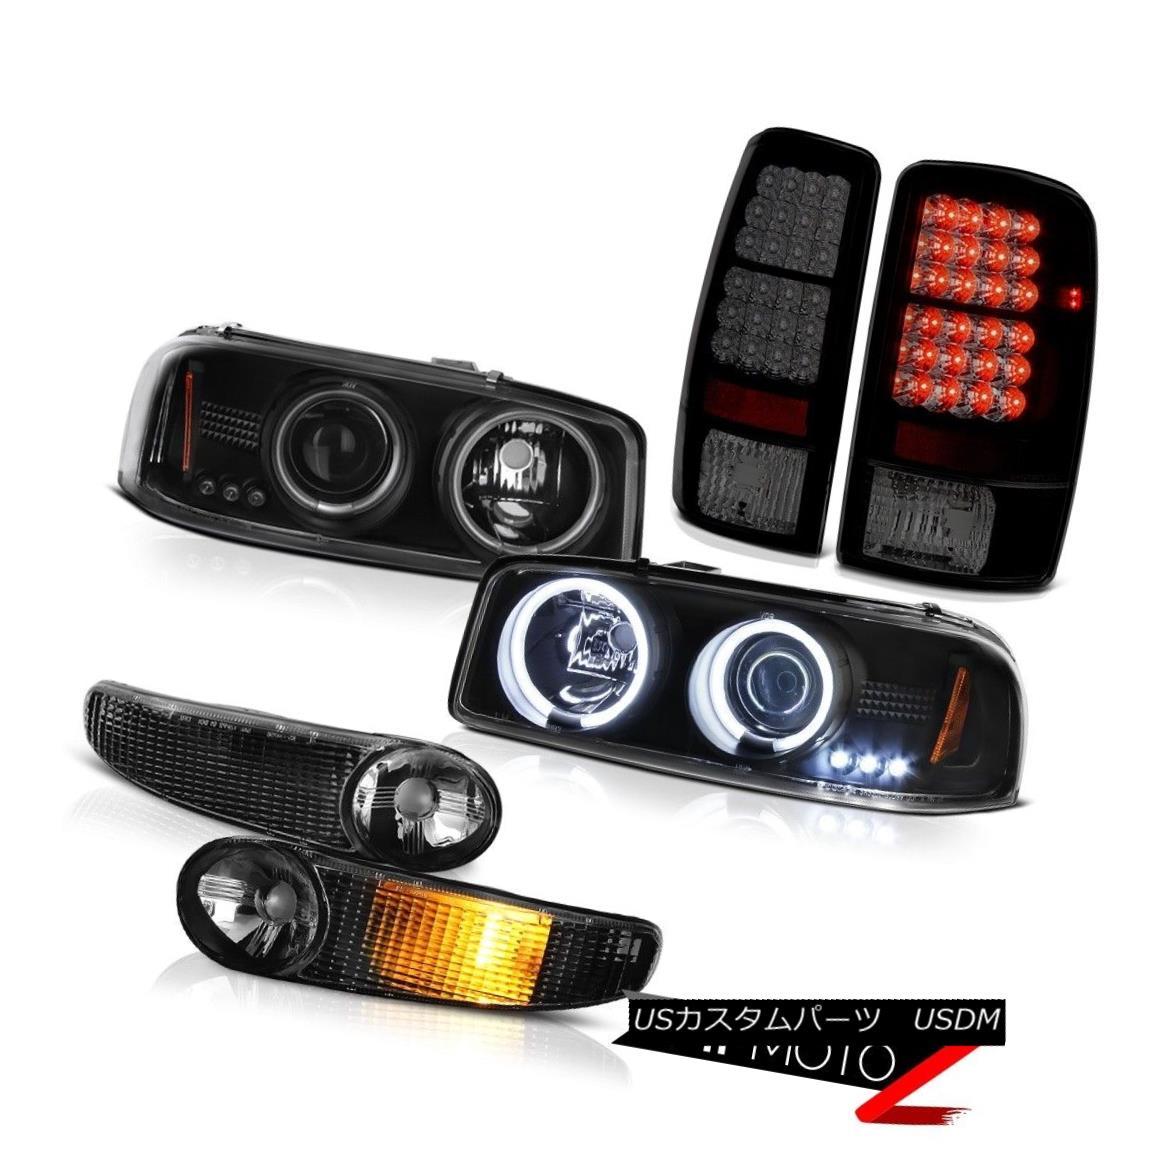 テールライト CCFL Halo 2000 2002 2003 2004 Yukon Headlights Black Bumper Smoke LED Tail Light CCFL Halo 2000 2002 2003 2004ユーコンヘッドライトブラックバンパースモークLEDテールライト